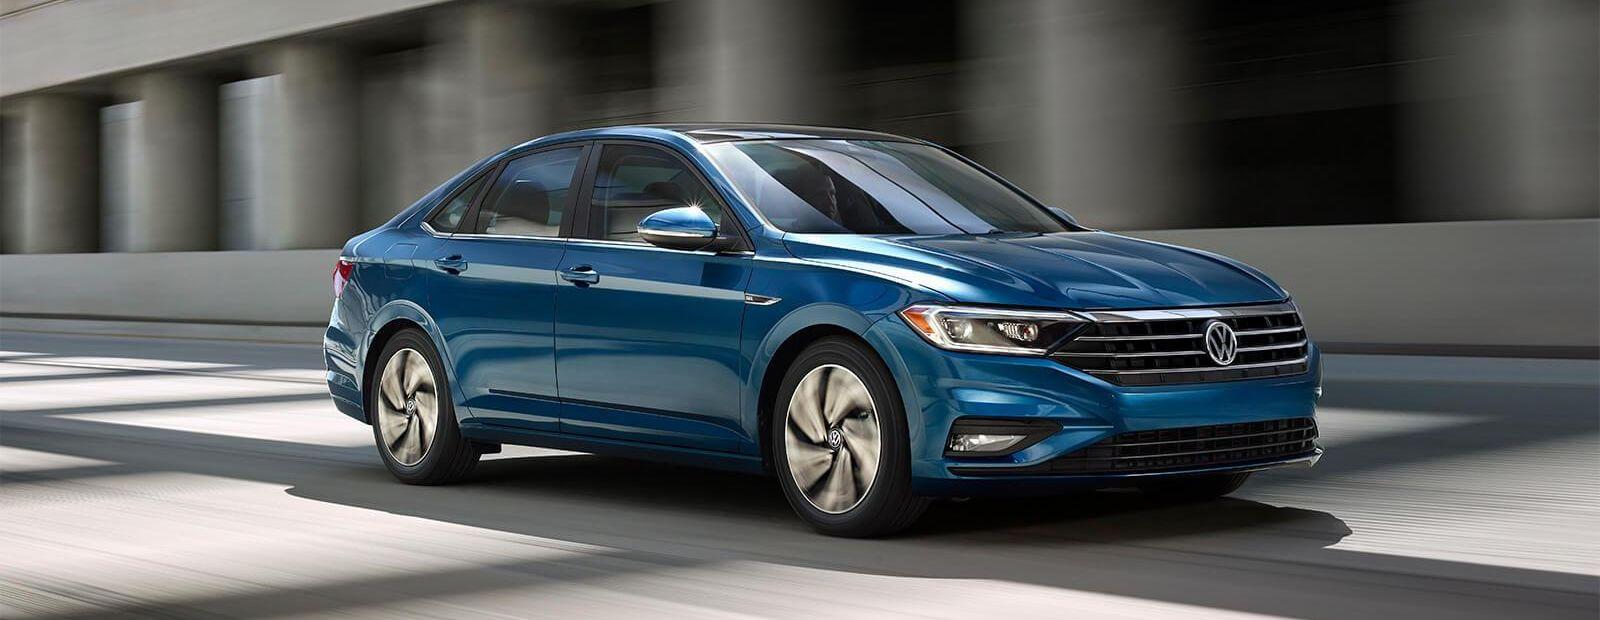 Volkswagen Jetta 2019 a la venta en Pohanka cerca de Bethesda, MD